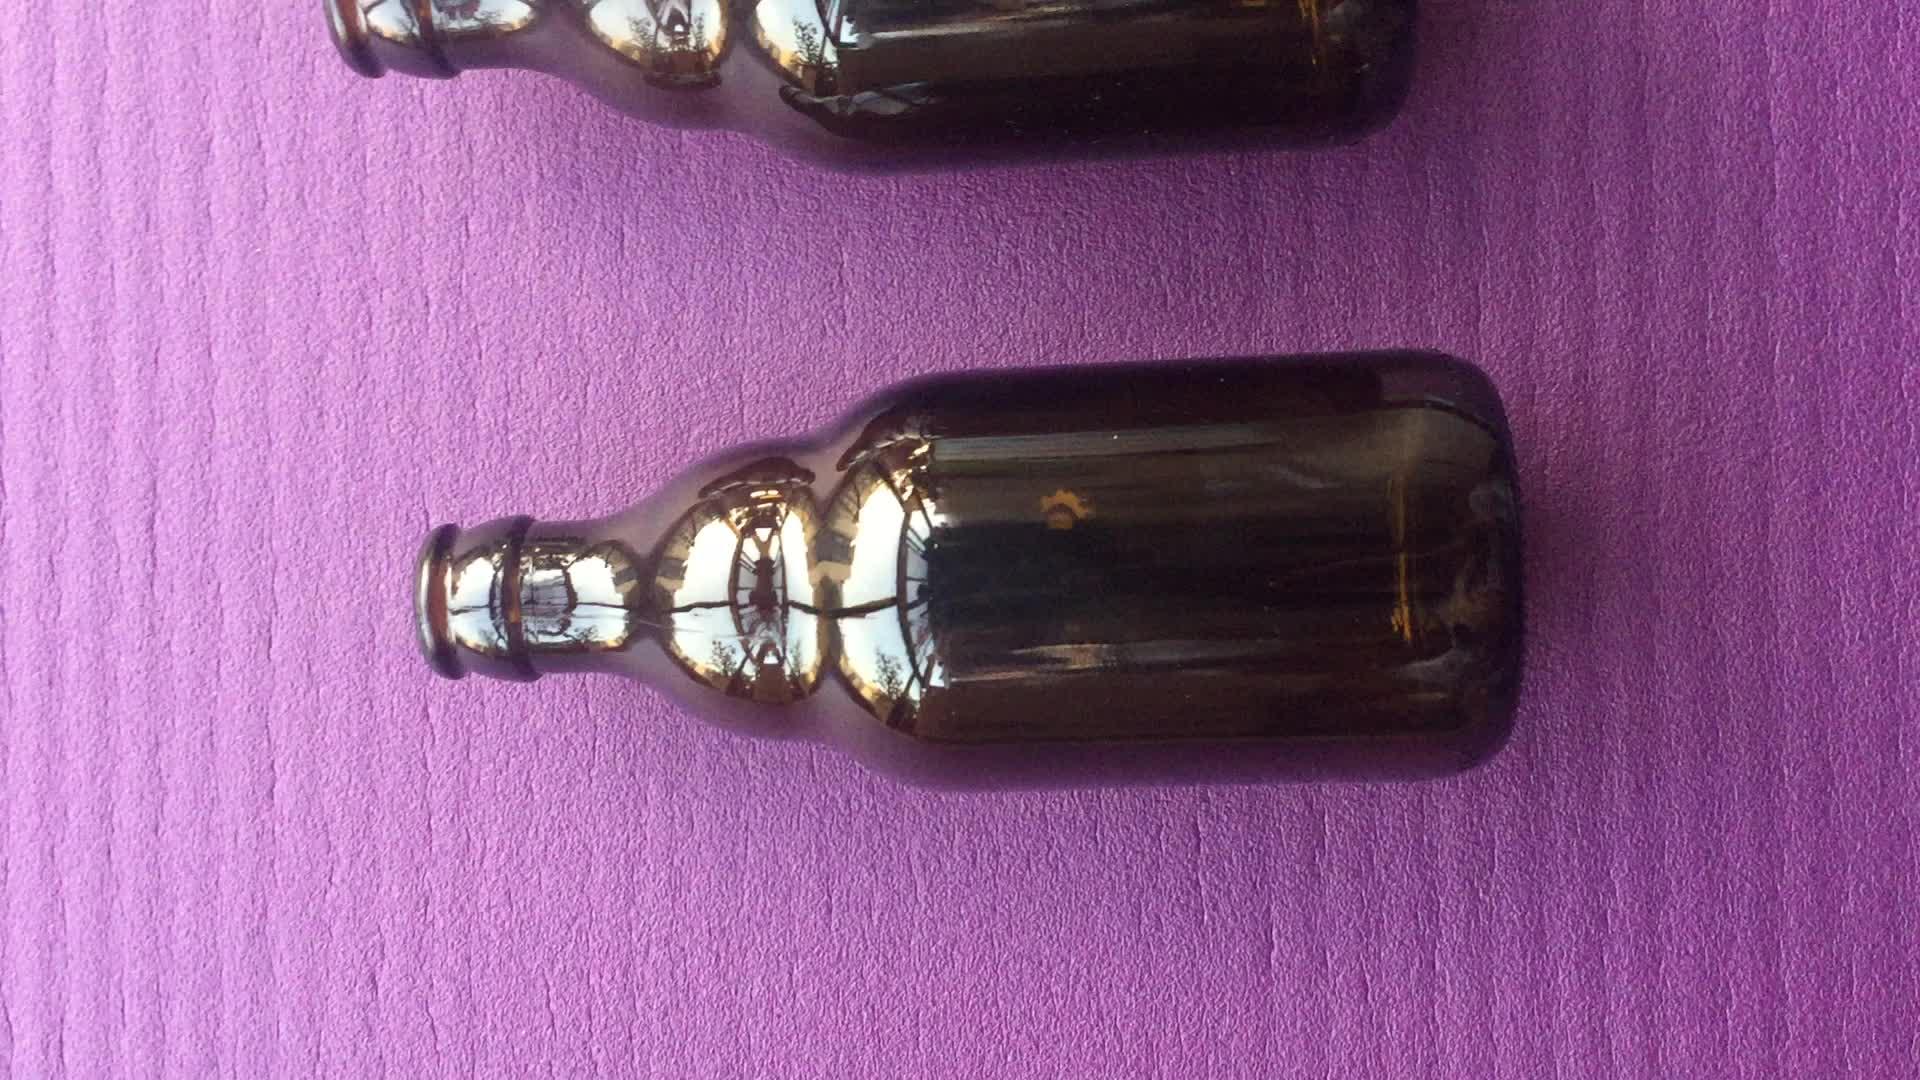 Stubby Amber Glass Beer Bottle 330 ml 11 oz